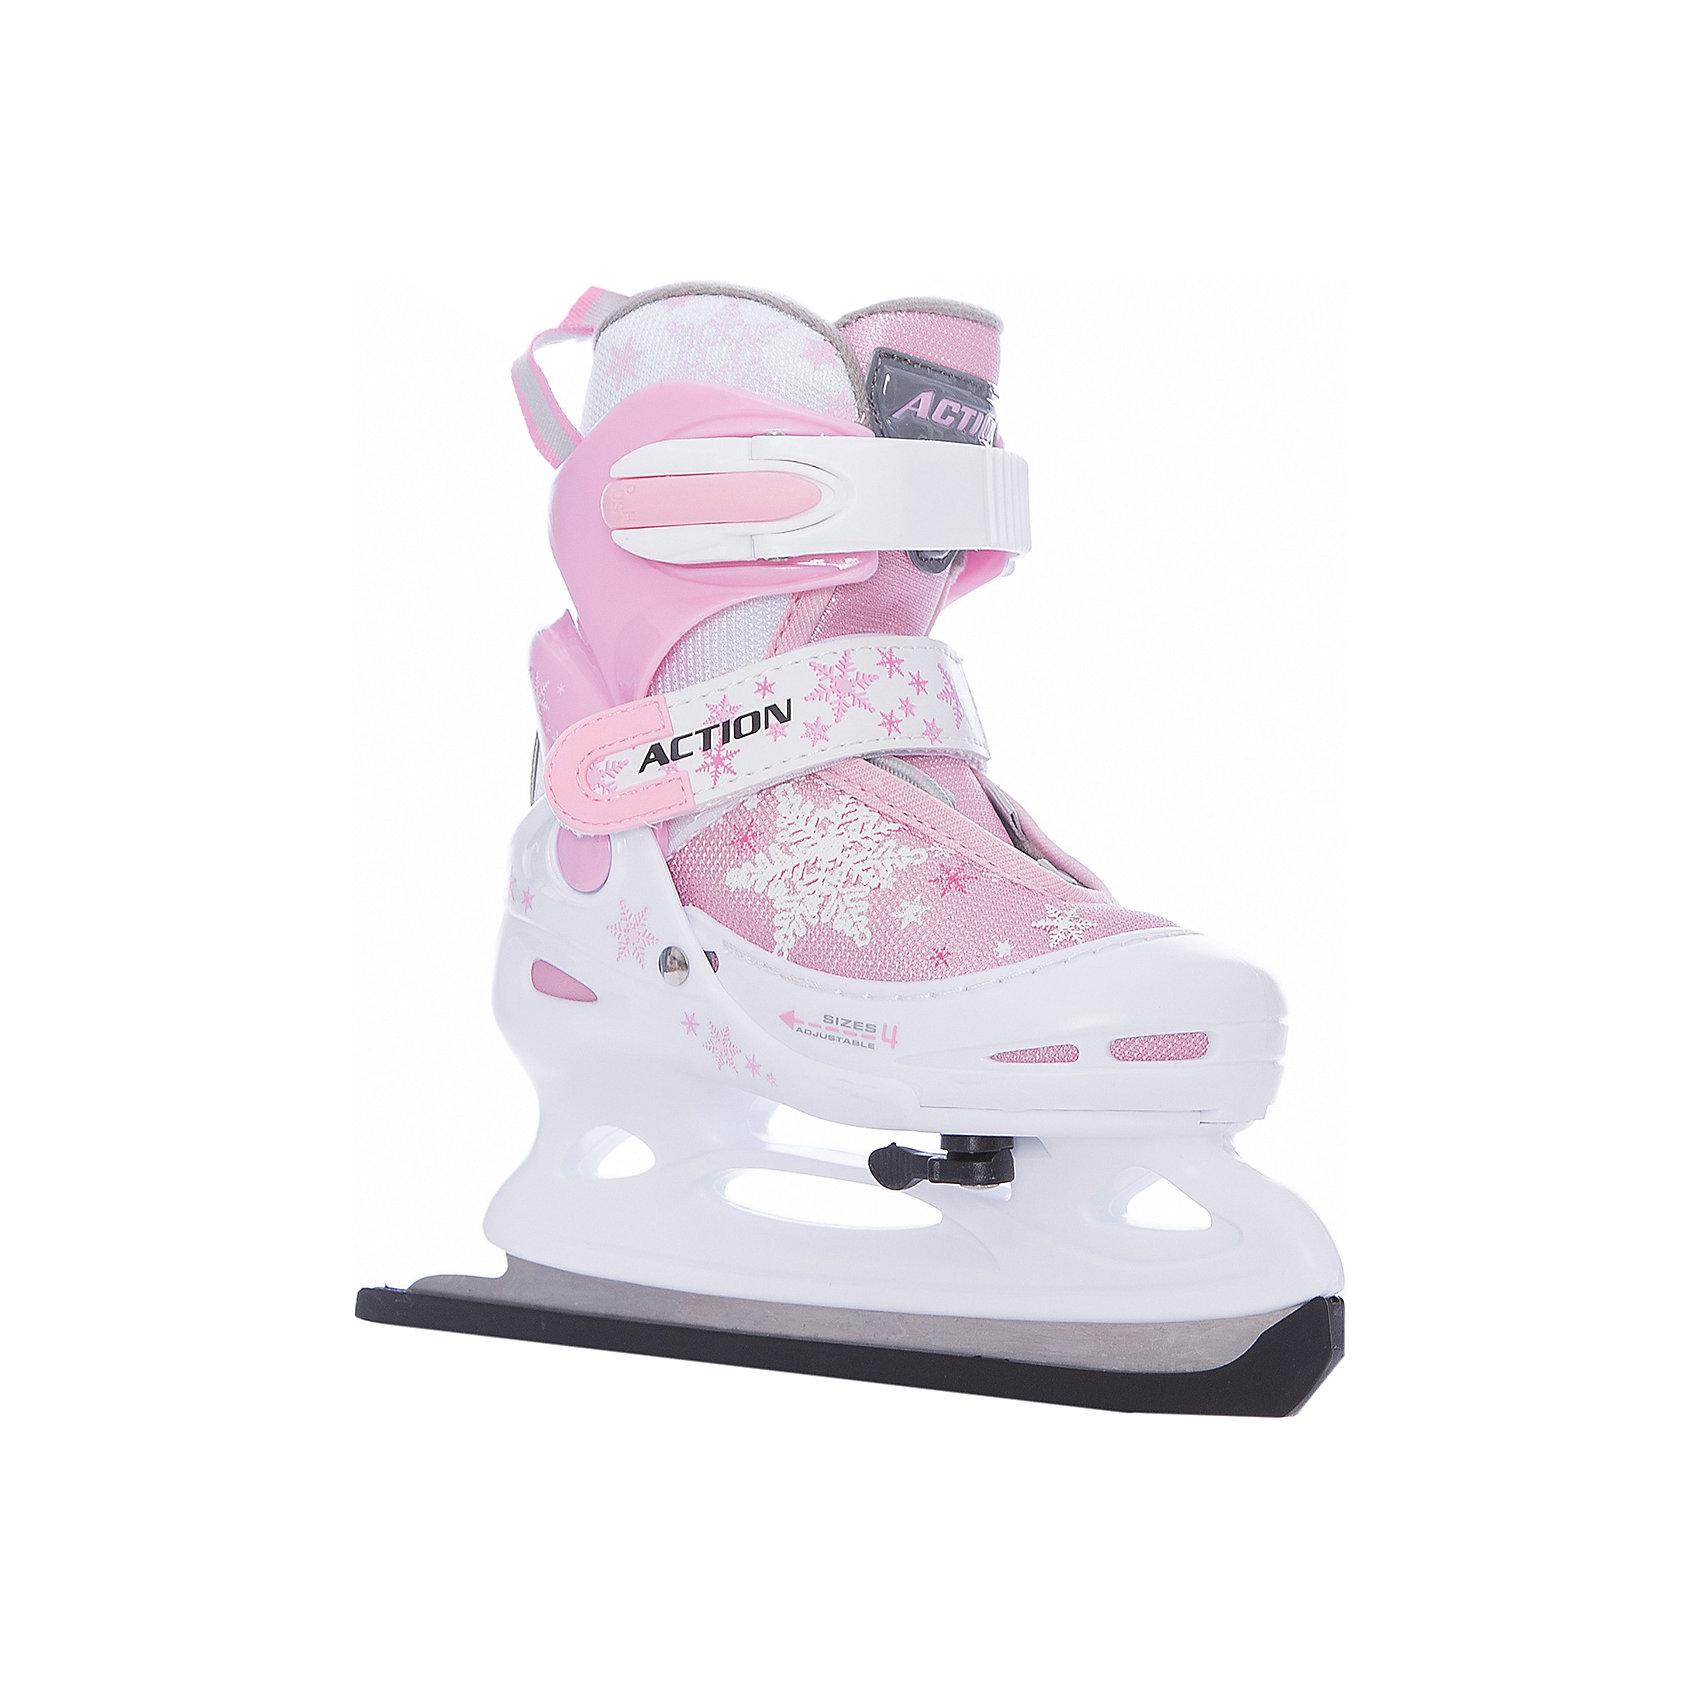 - Коньки ледовые раздвижные PW-211F-1, розовый/белый коньки ледовые женские action sporting goods раздвижные цвет белый красный pw 113 размер 37 40